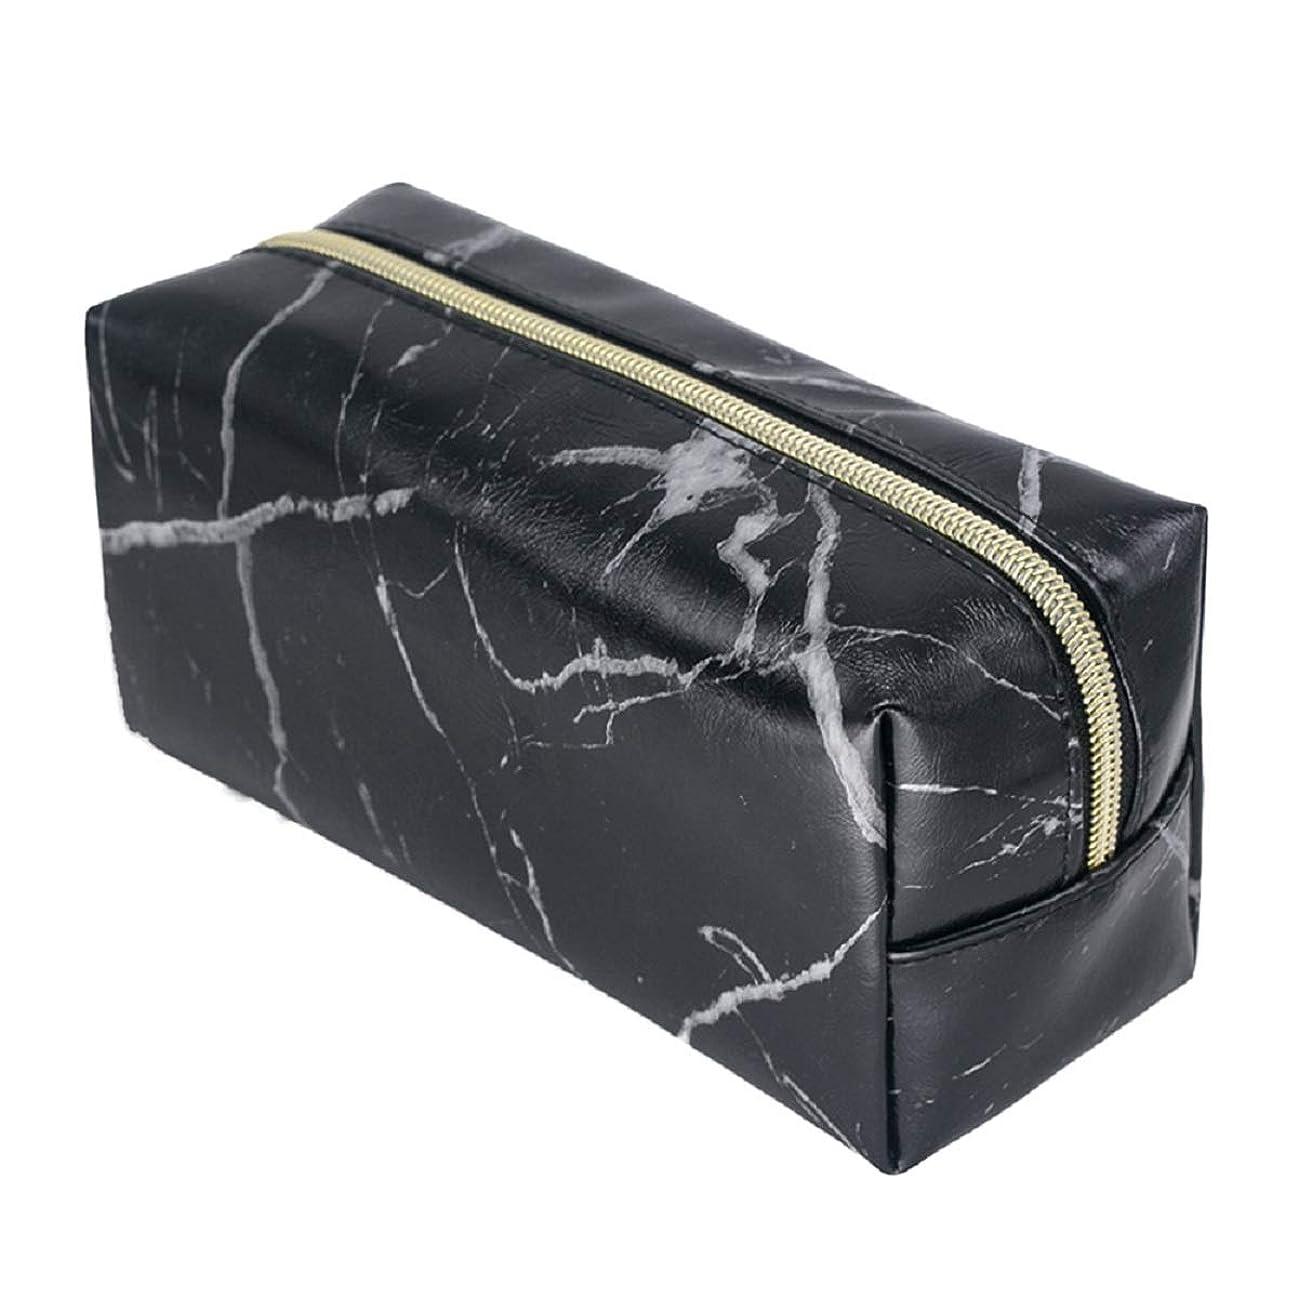 急性ゲージ識別Zhaozhe化粧ポーチ メイクポーチ 大容量 PU素材 軽量 防水 シンプル 旅行 小物入れ 化粧道具 19x9x7cm